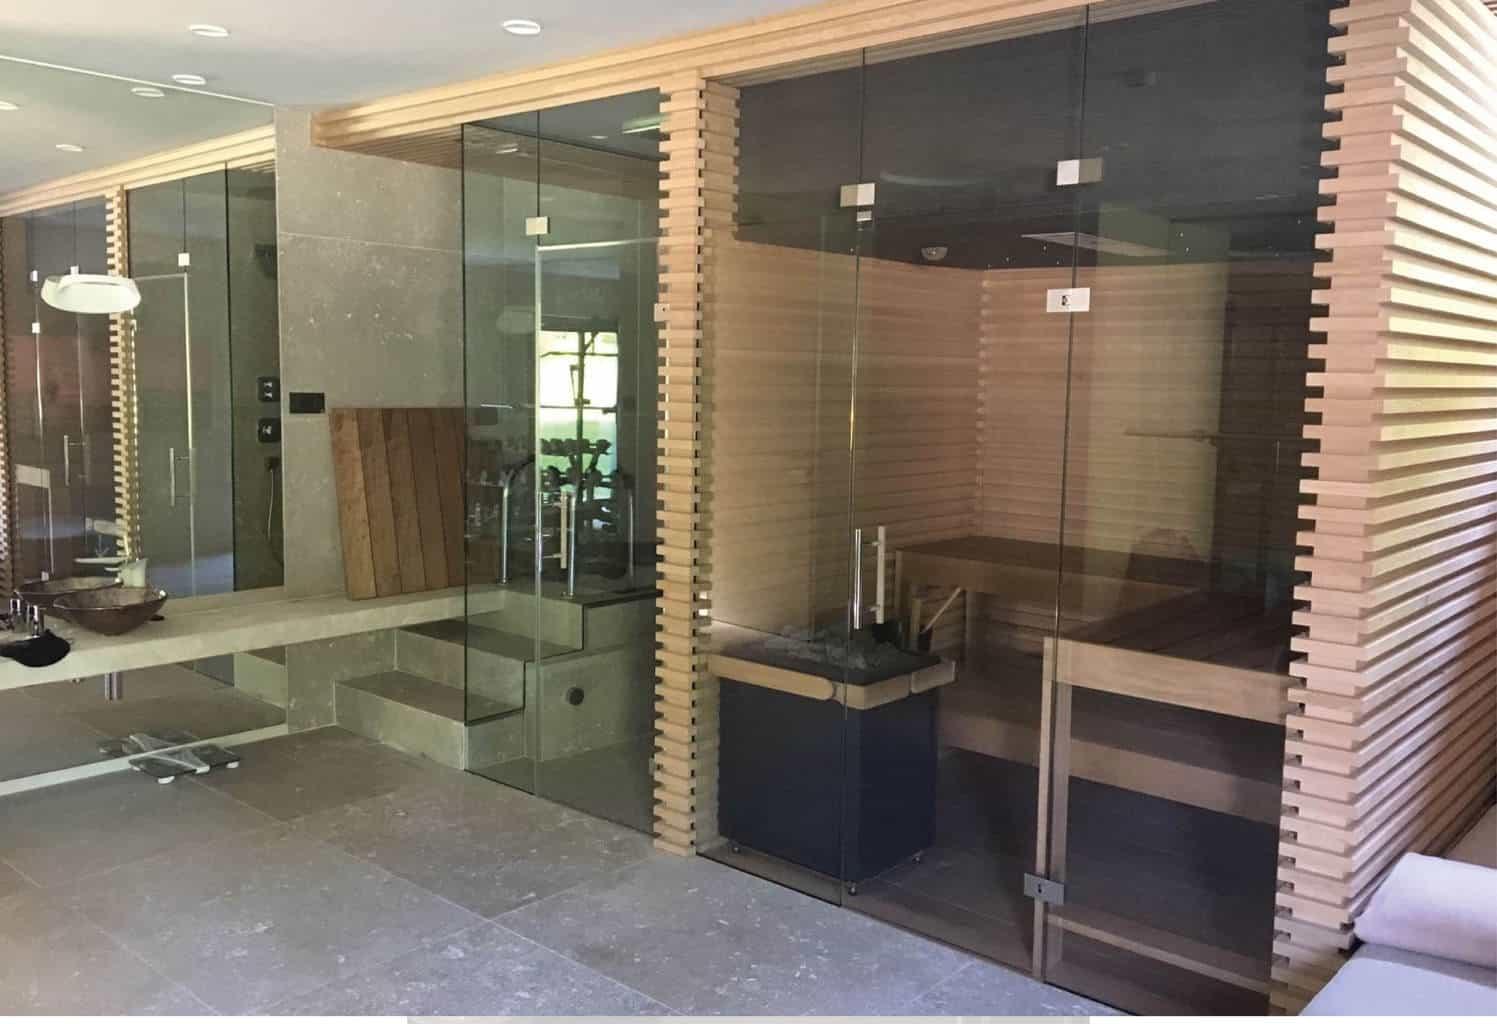 Sauna In Huis : Glas perfect voor de sauna glass inside